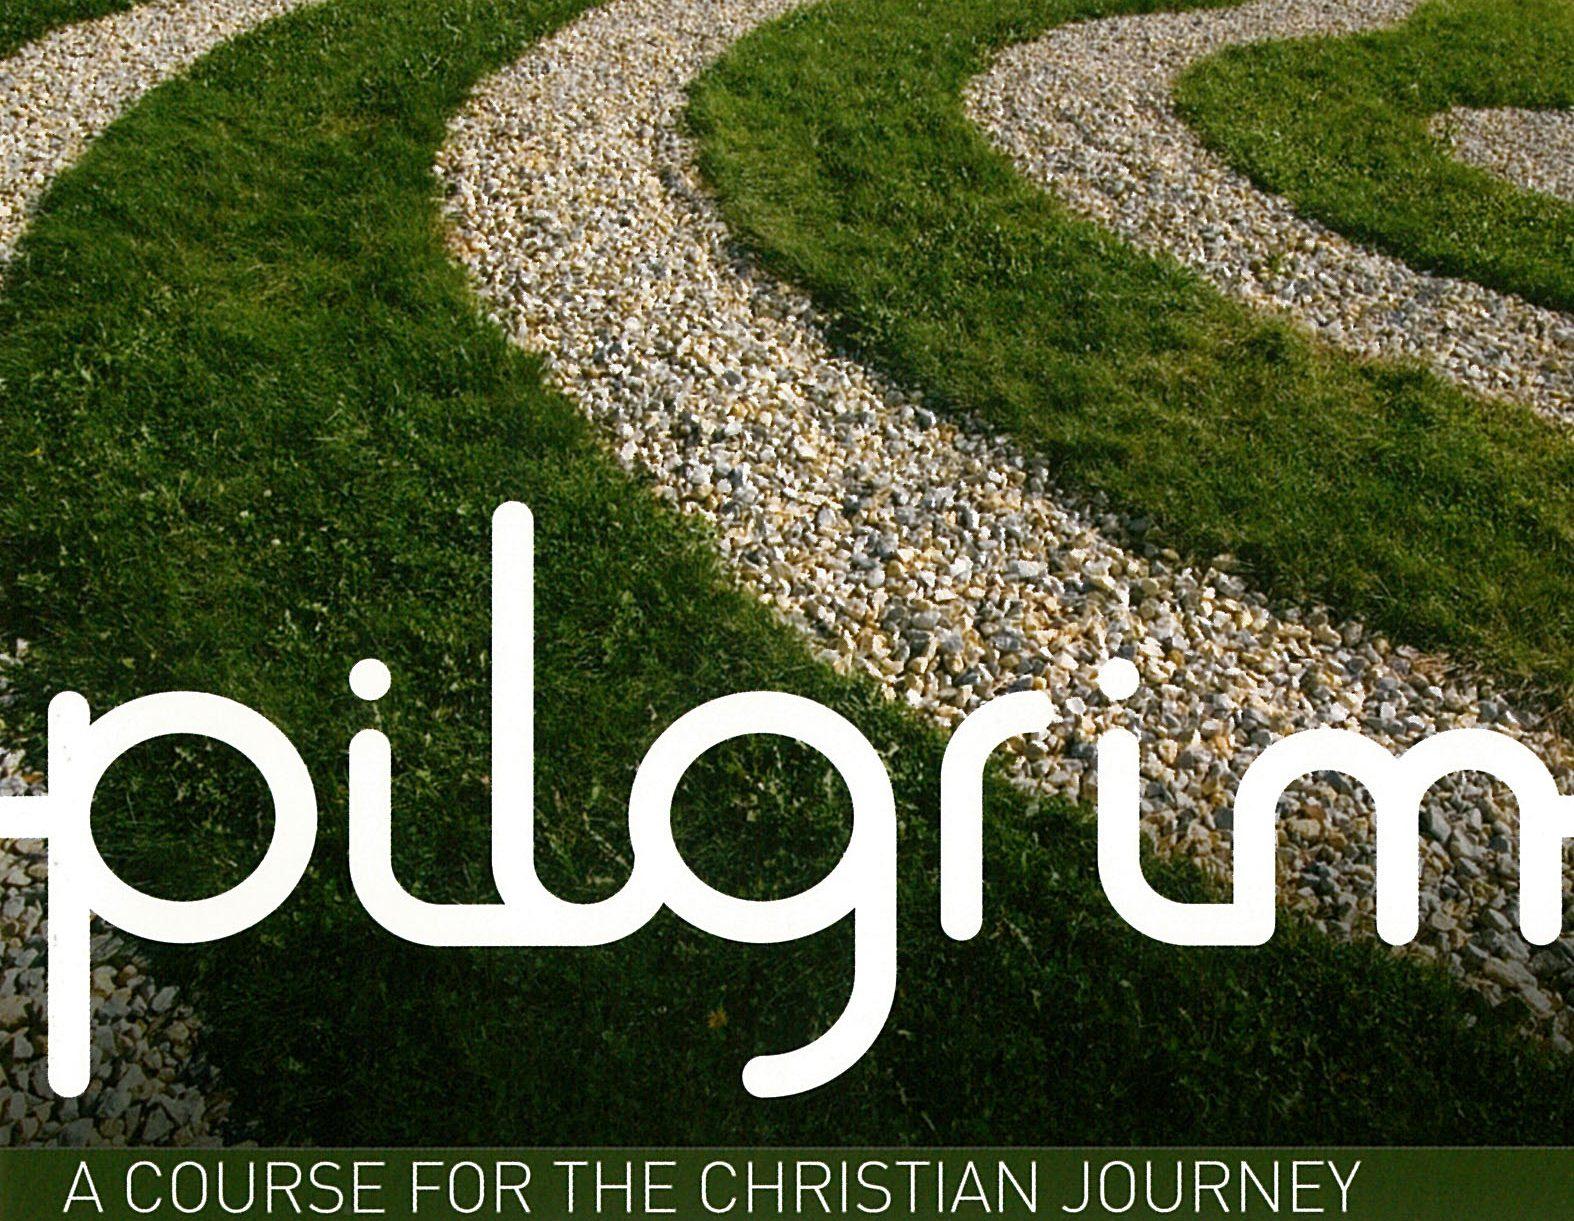 Curriculum Review: Pilgrim